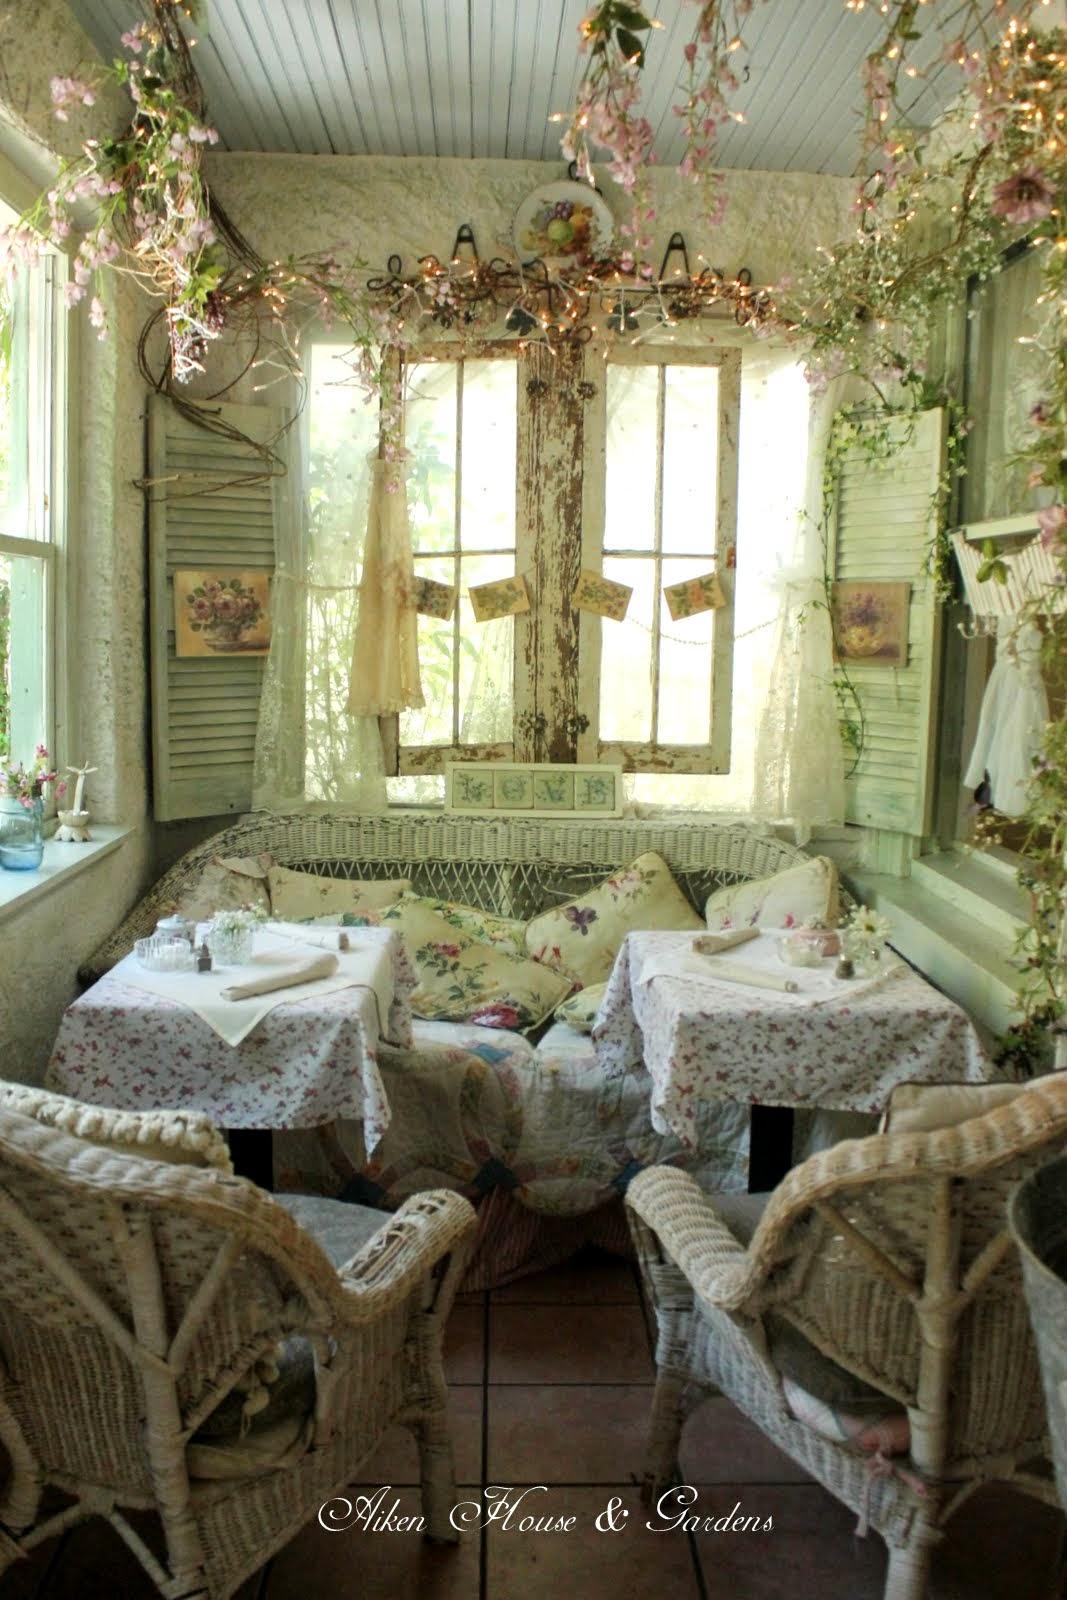 aiken house gardens april 2014. Black Bedroom Furniture Sets. Home Design Ideas